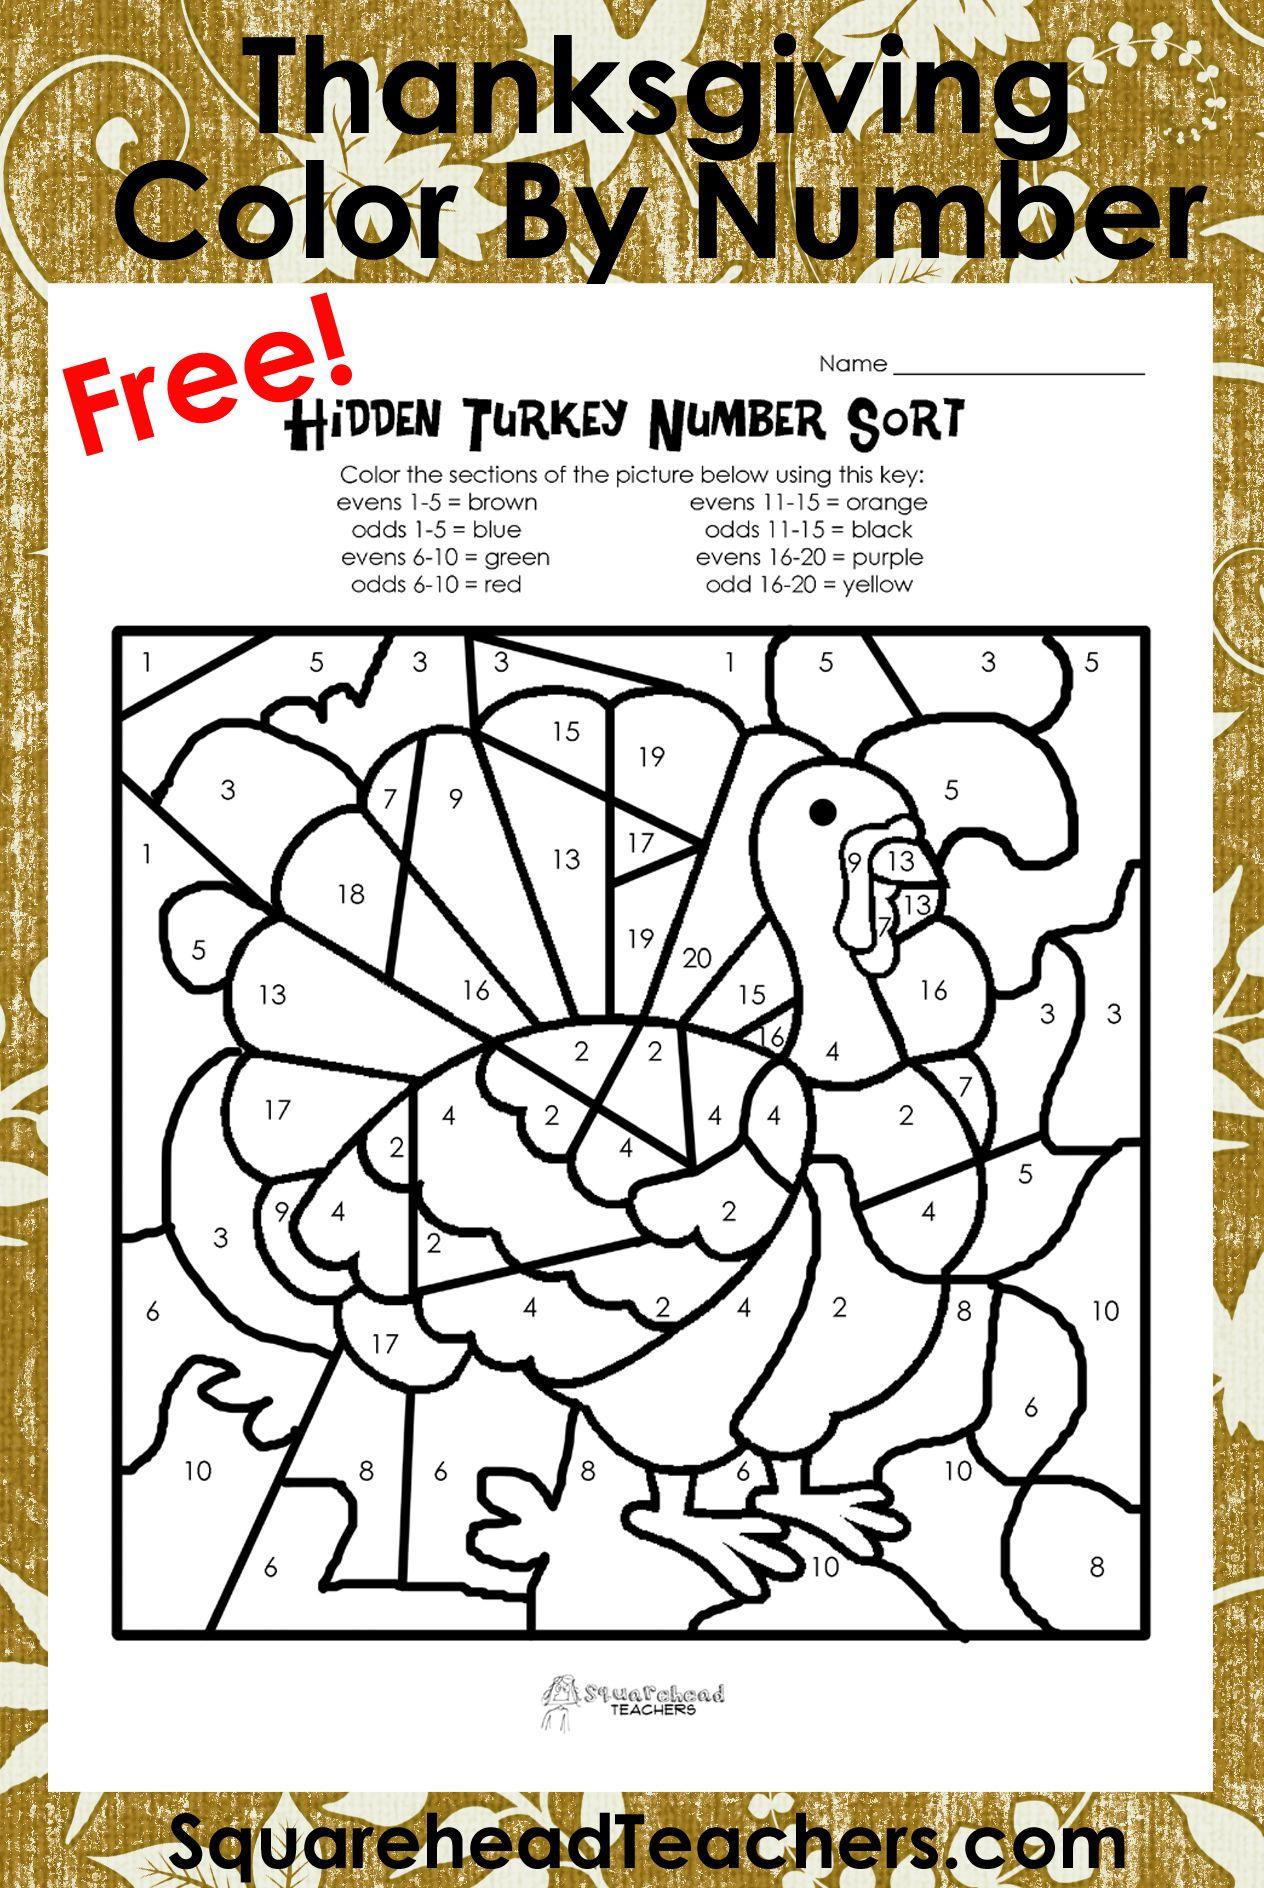 Odd Turkeys Free W Ksheet Squ Rehe D Te Chers